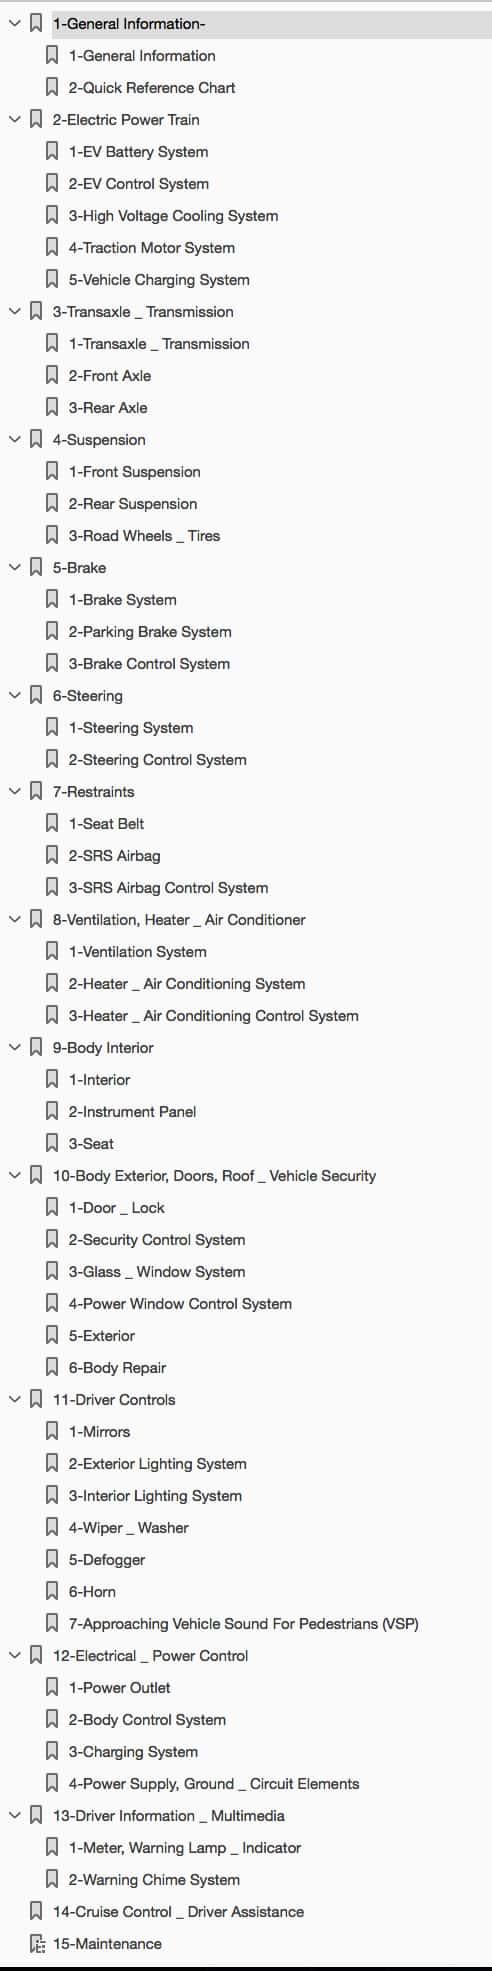 Download 2015-2017 Nissan Leaf Repair Manual